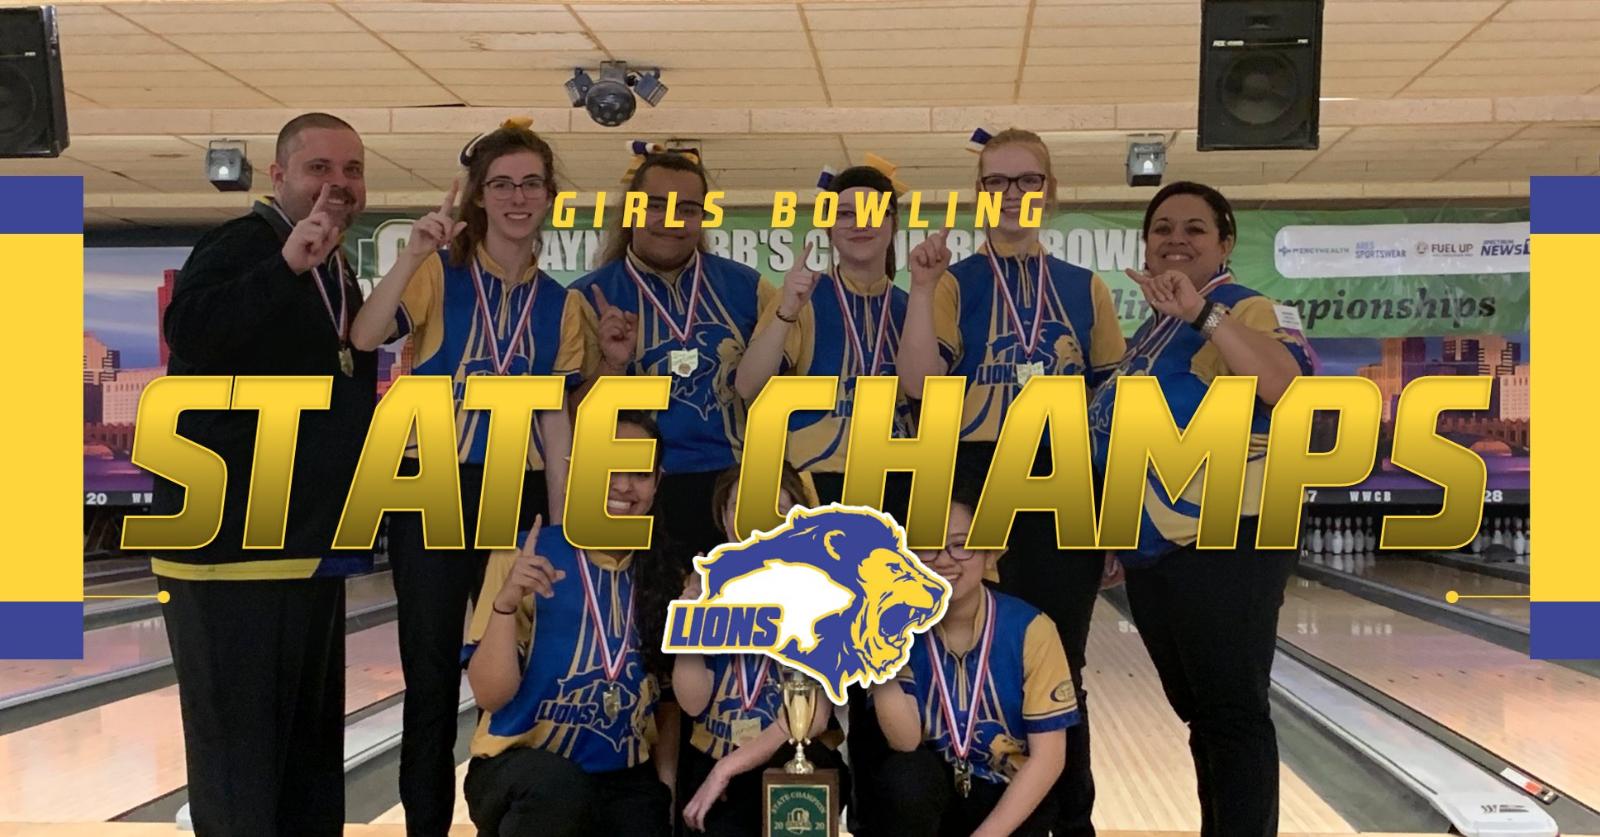 Girls Bowling – STATE CHAMPIONS